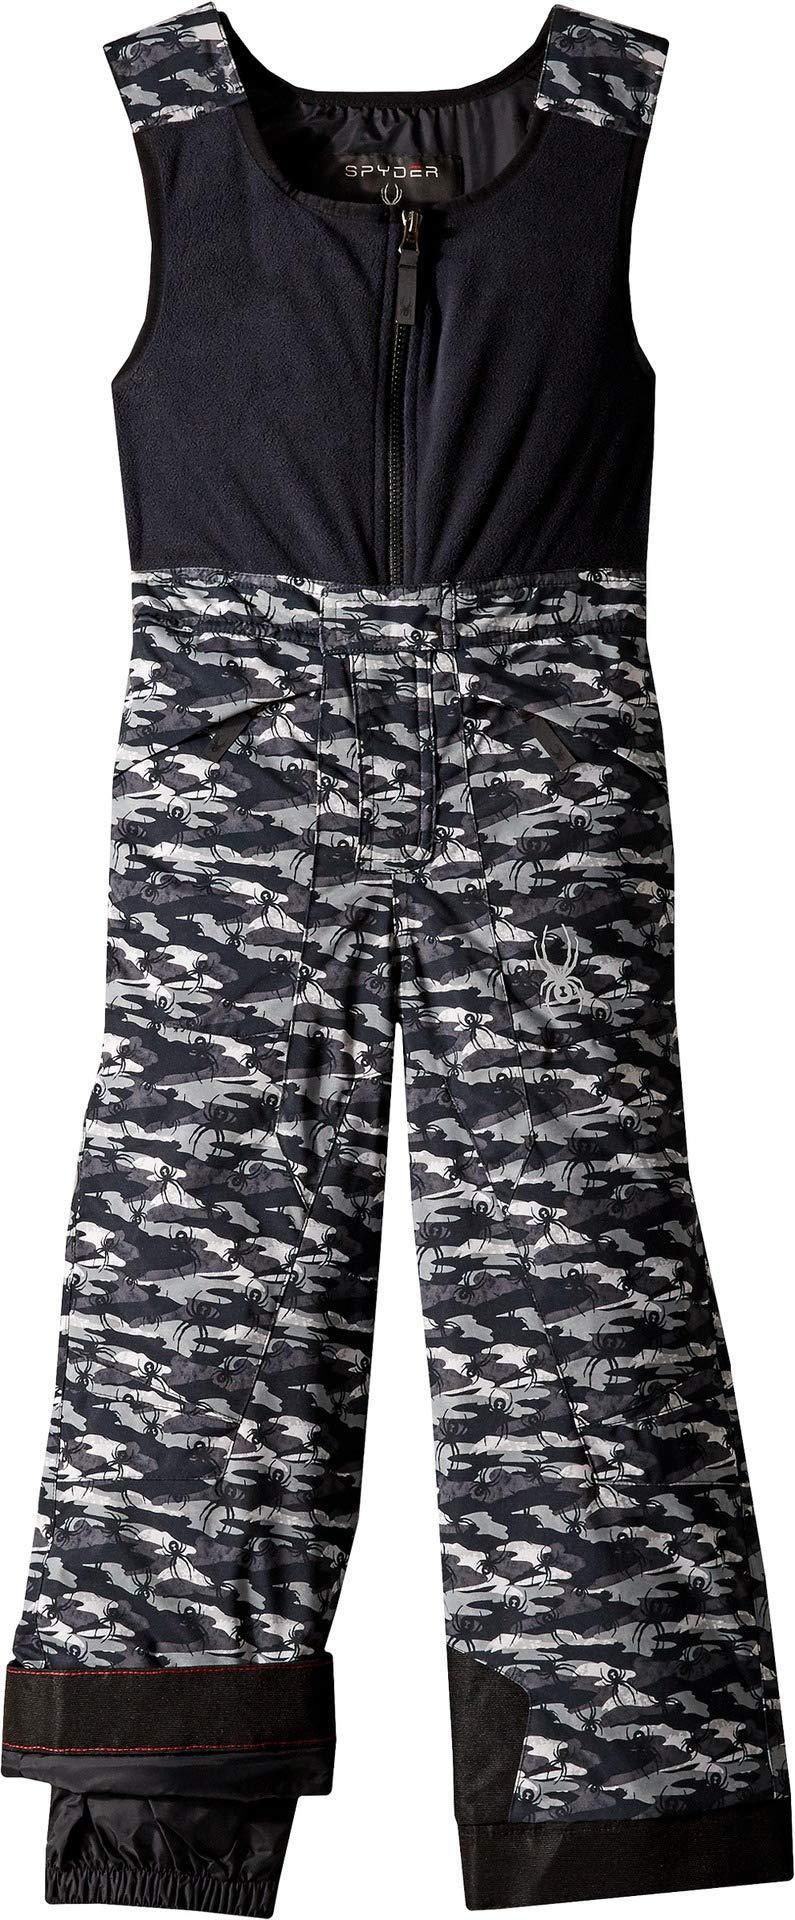 Spyder Boys' Mini Expedition Ski Pant, Camo Black/Black/Black, Size 2